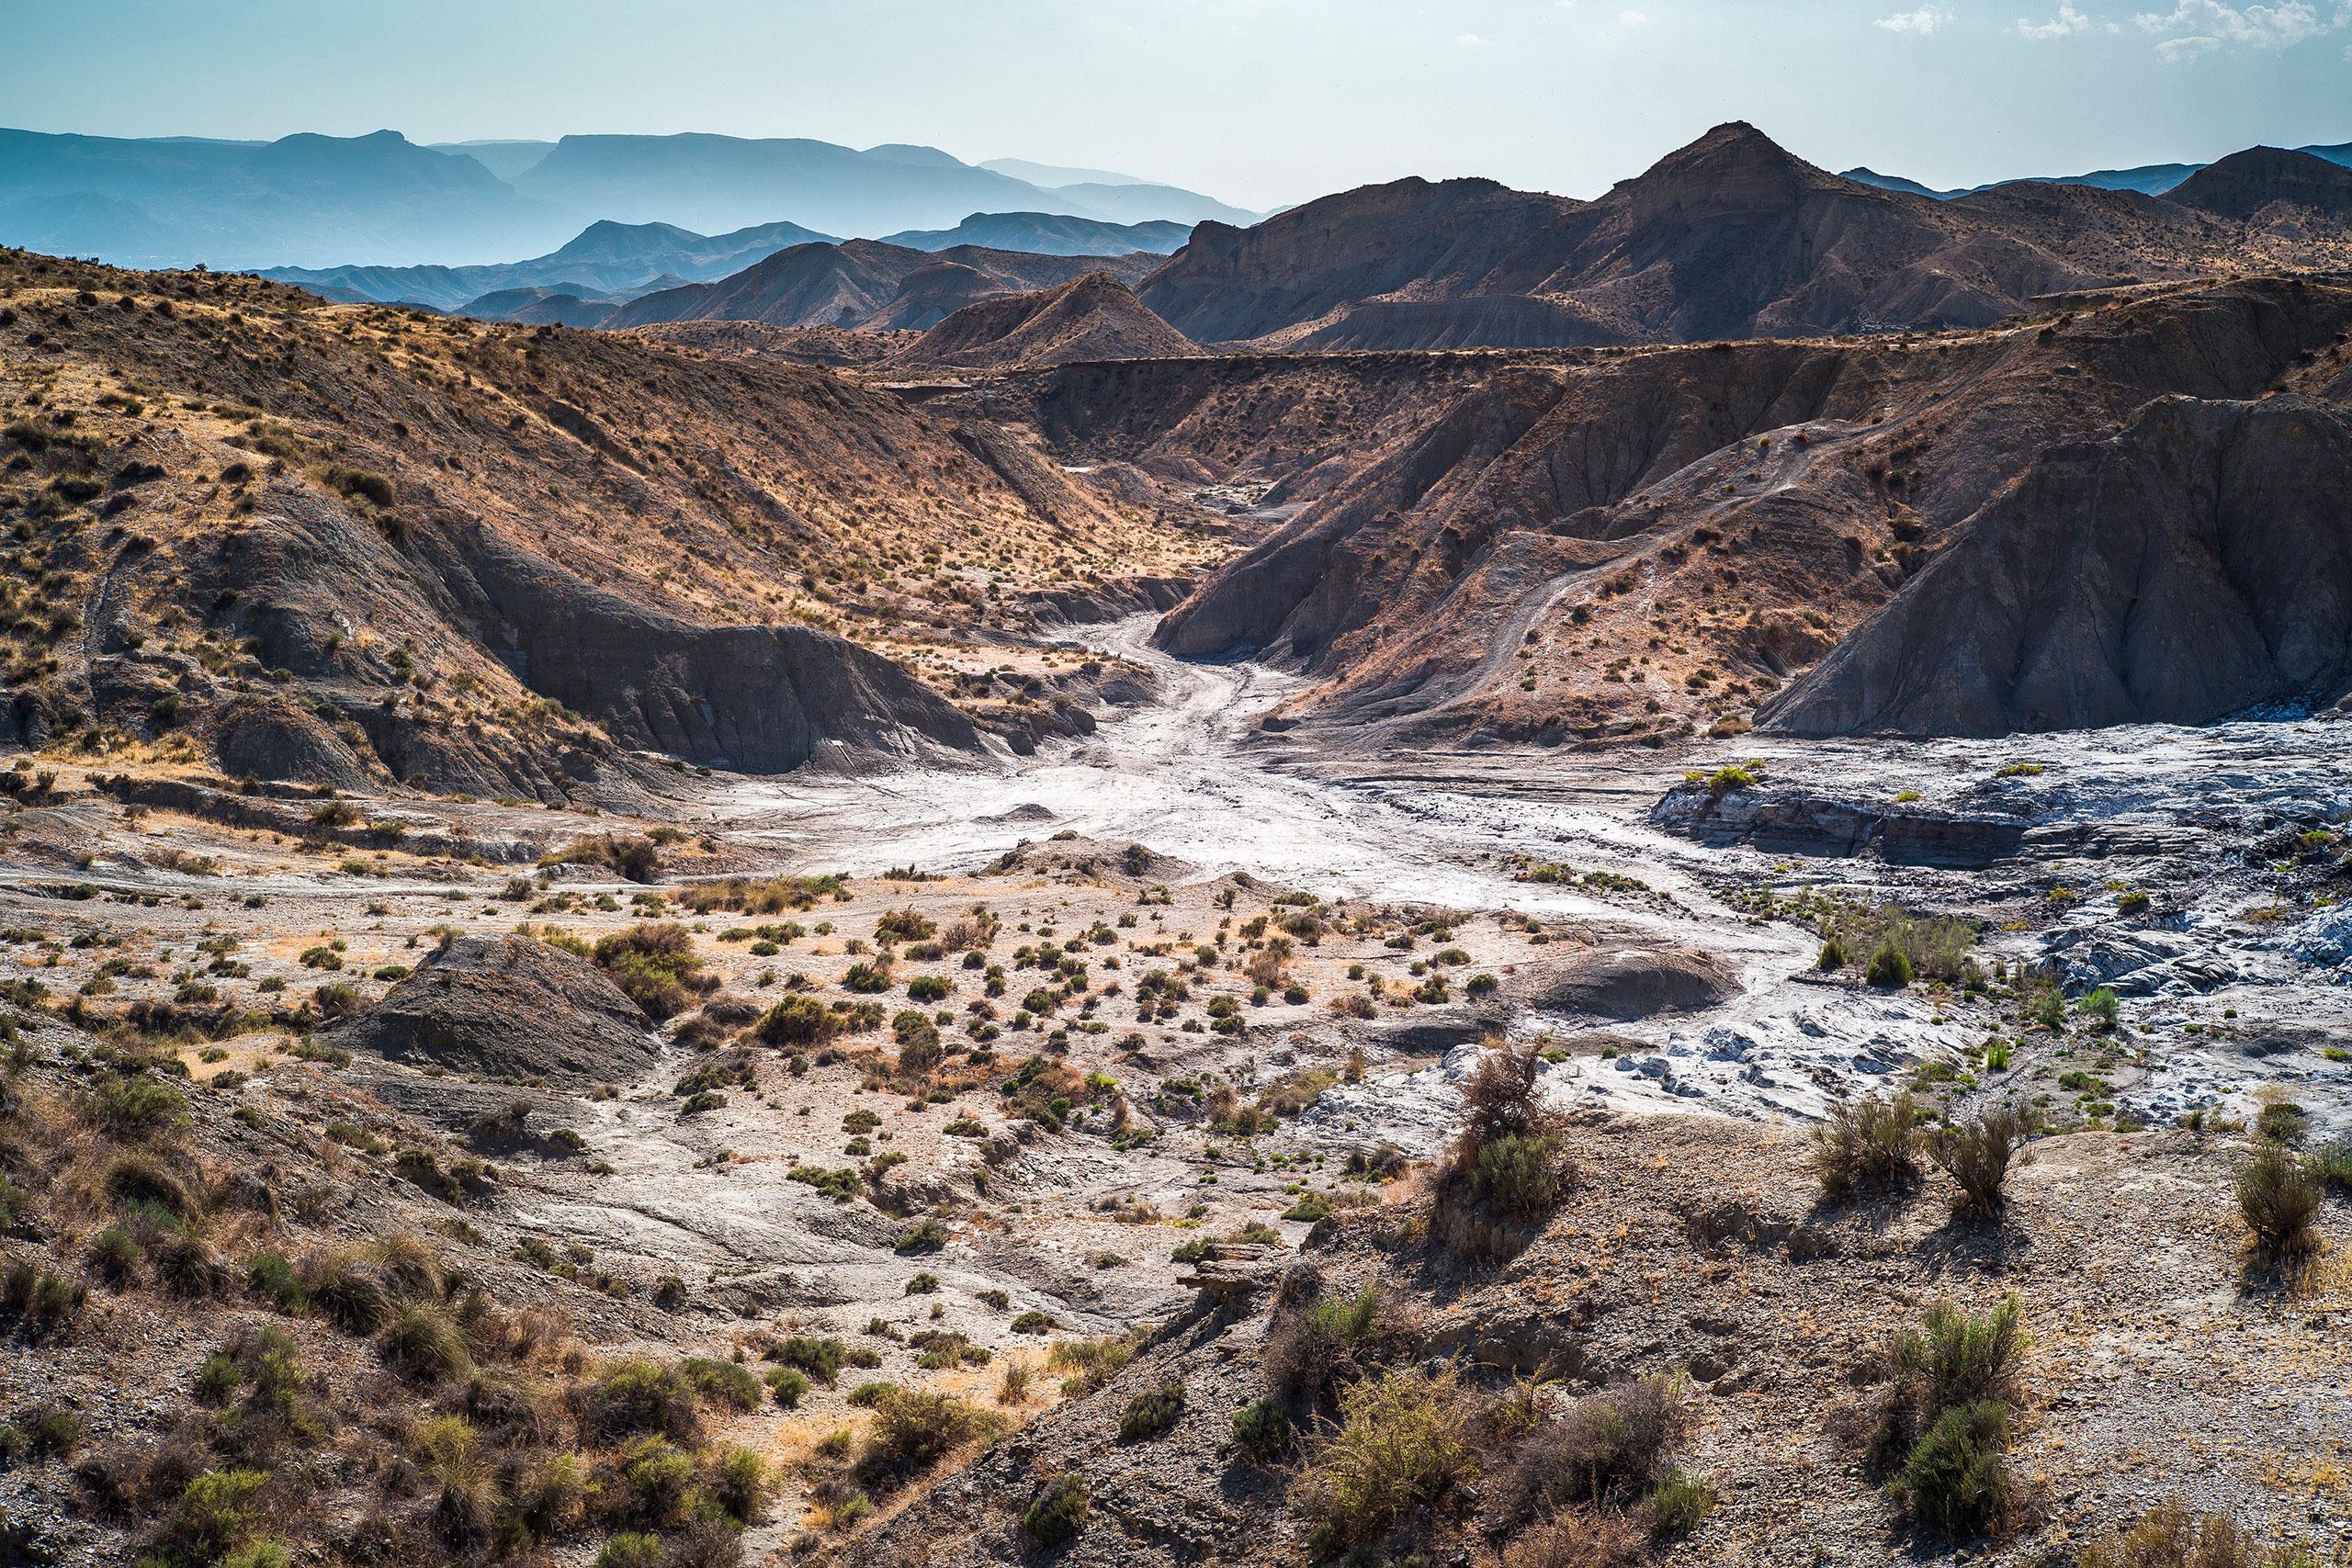 paisaje en el desierto